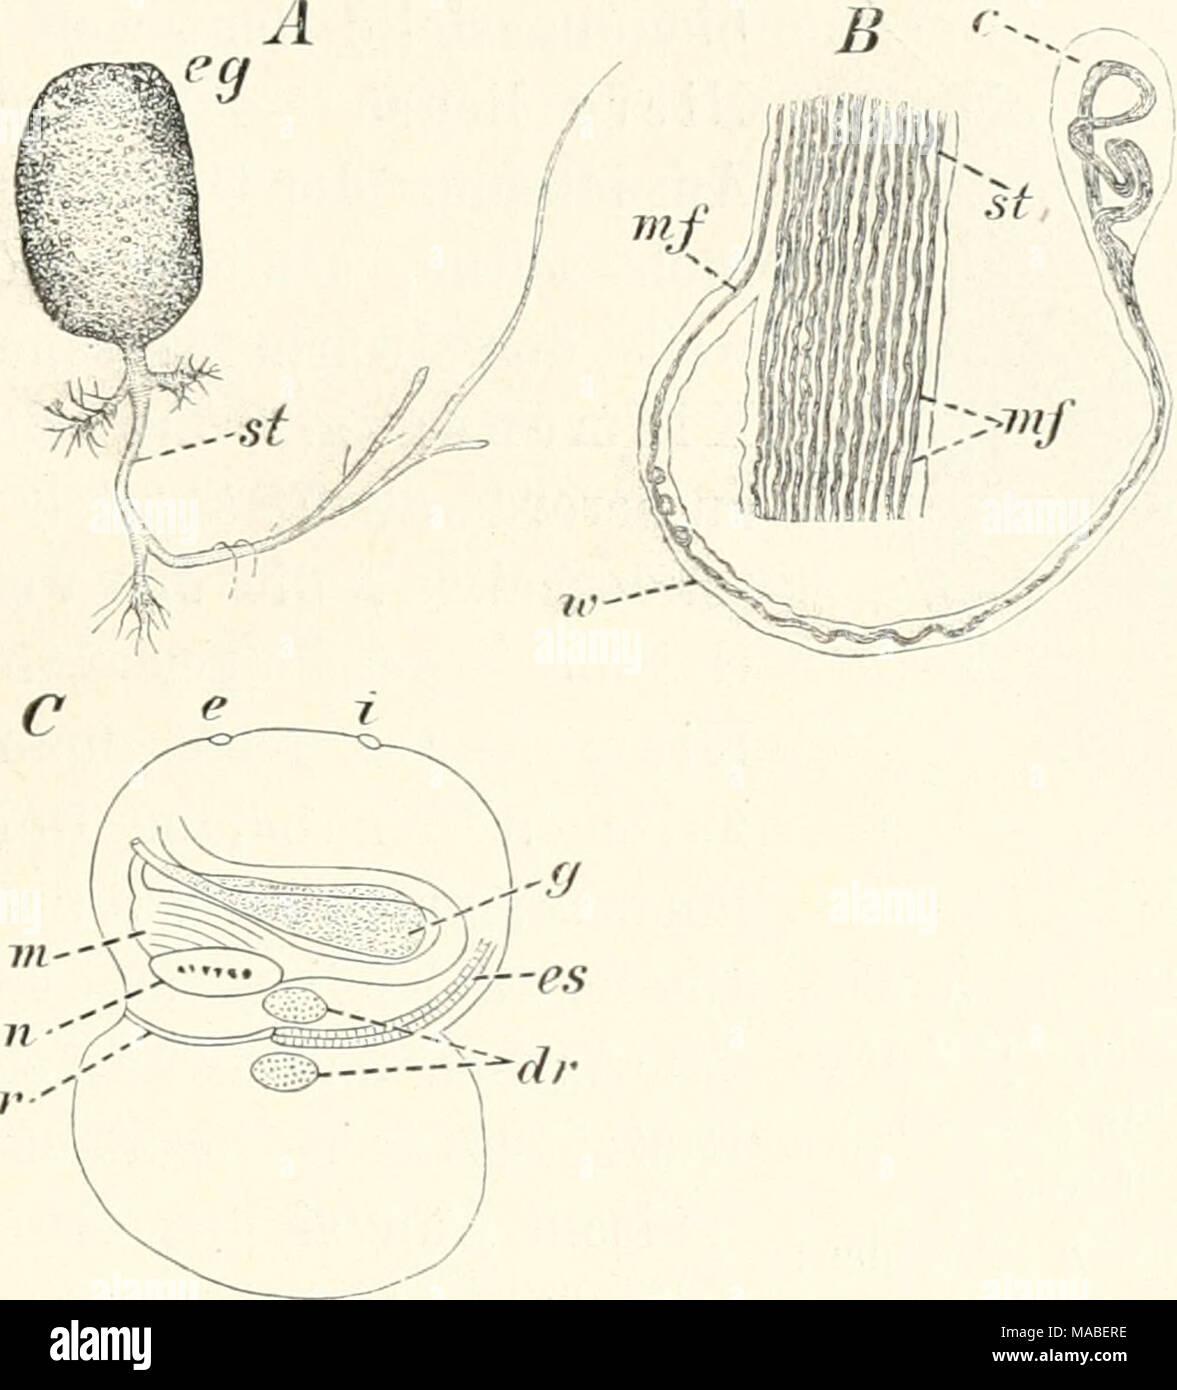 Großartig Magen Diagramm Anatomie Ideen - Menschliche Anatomie ...